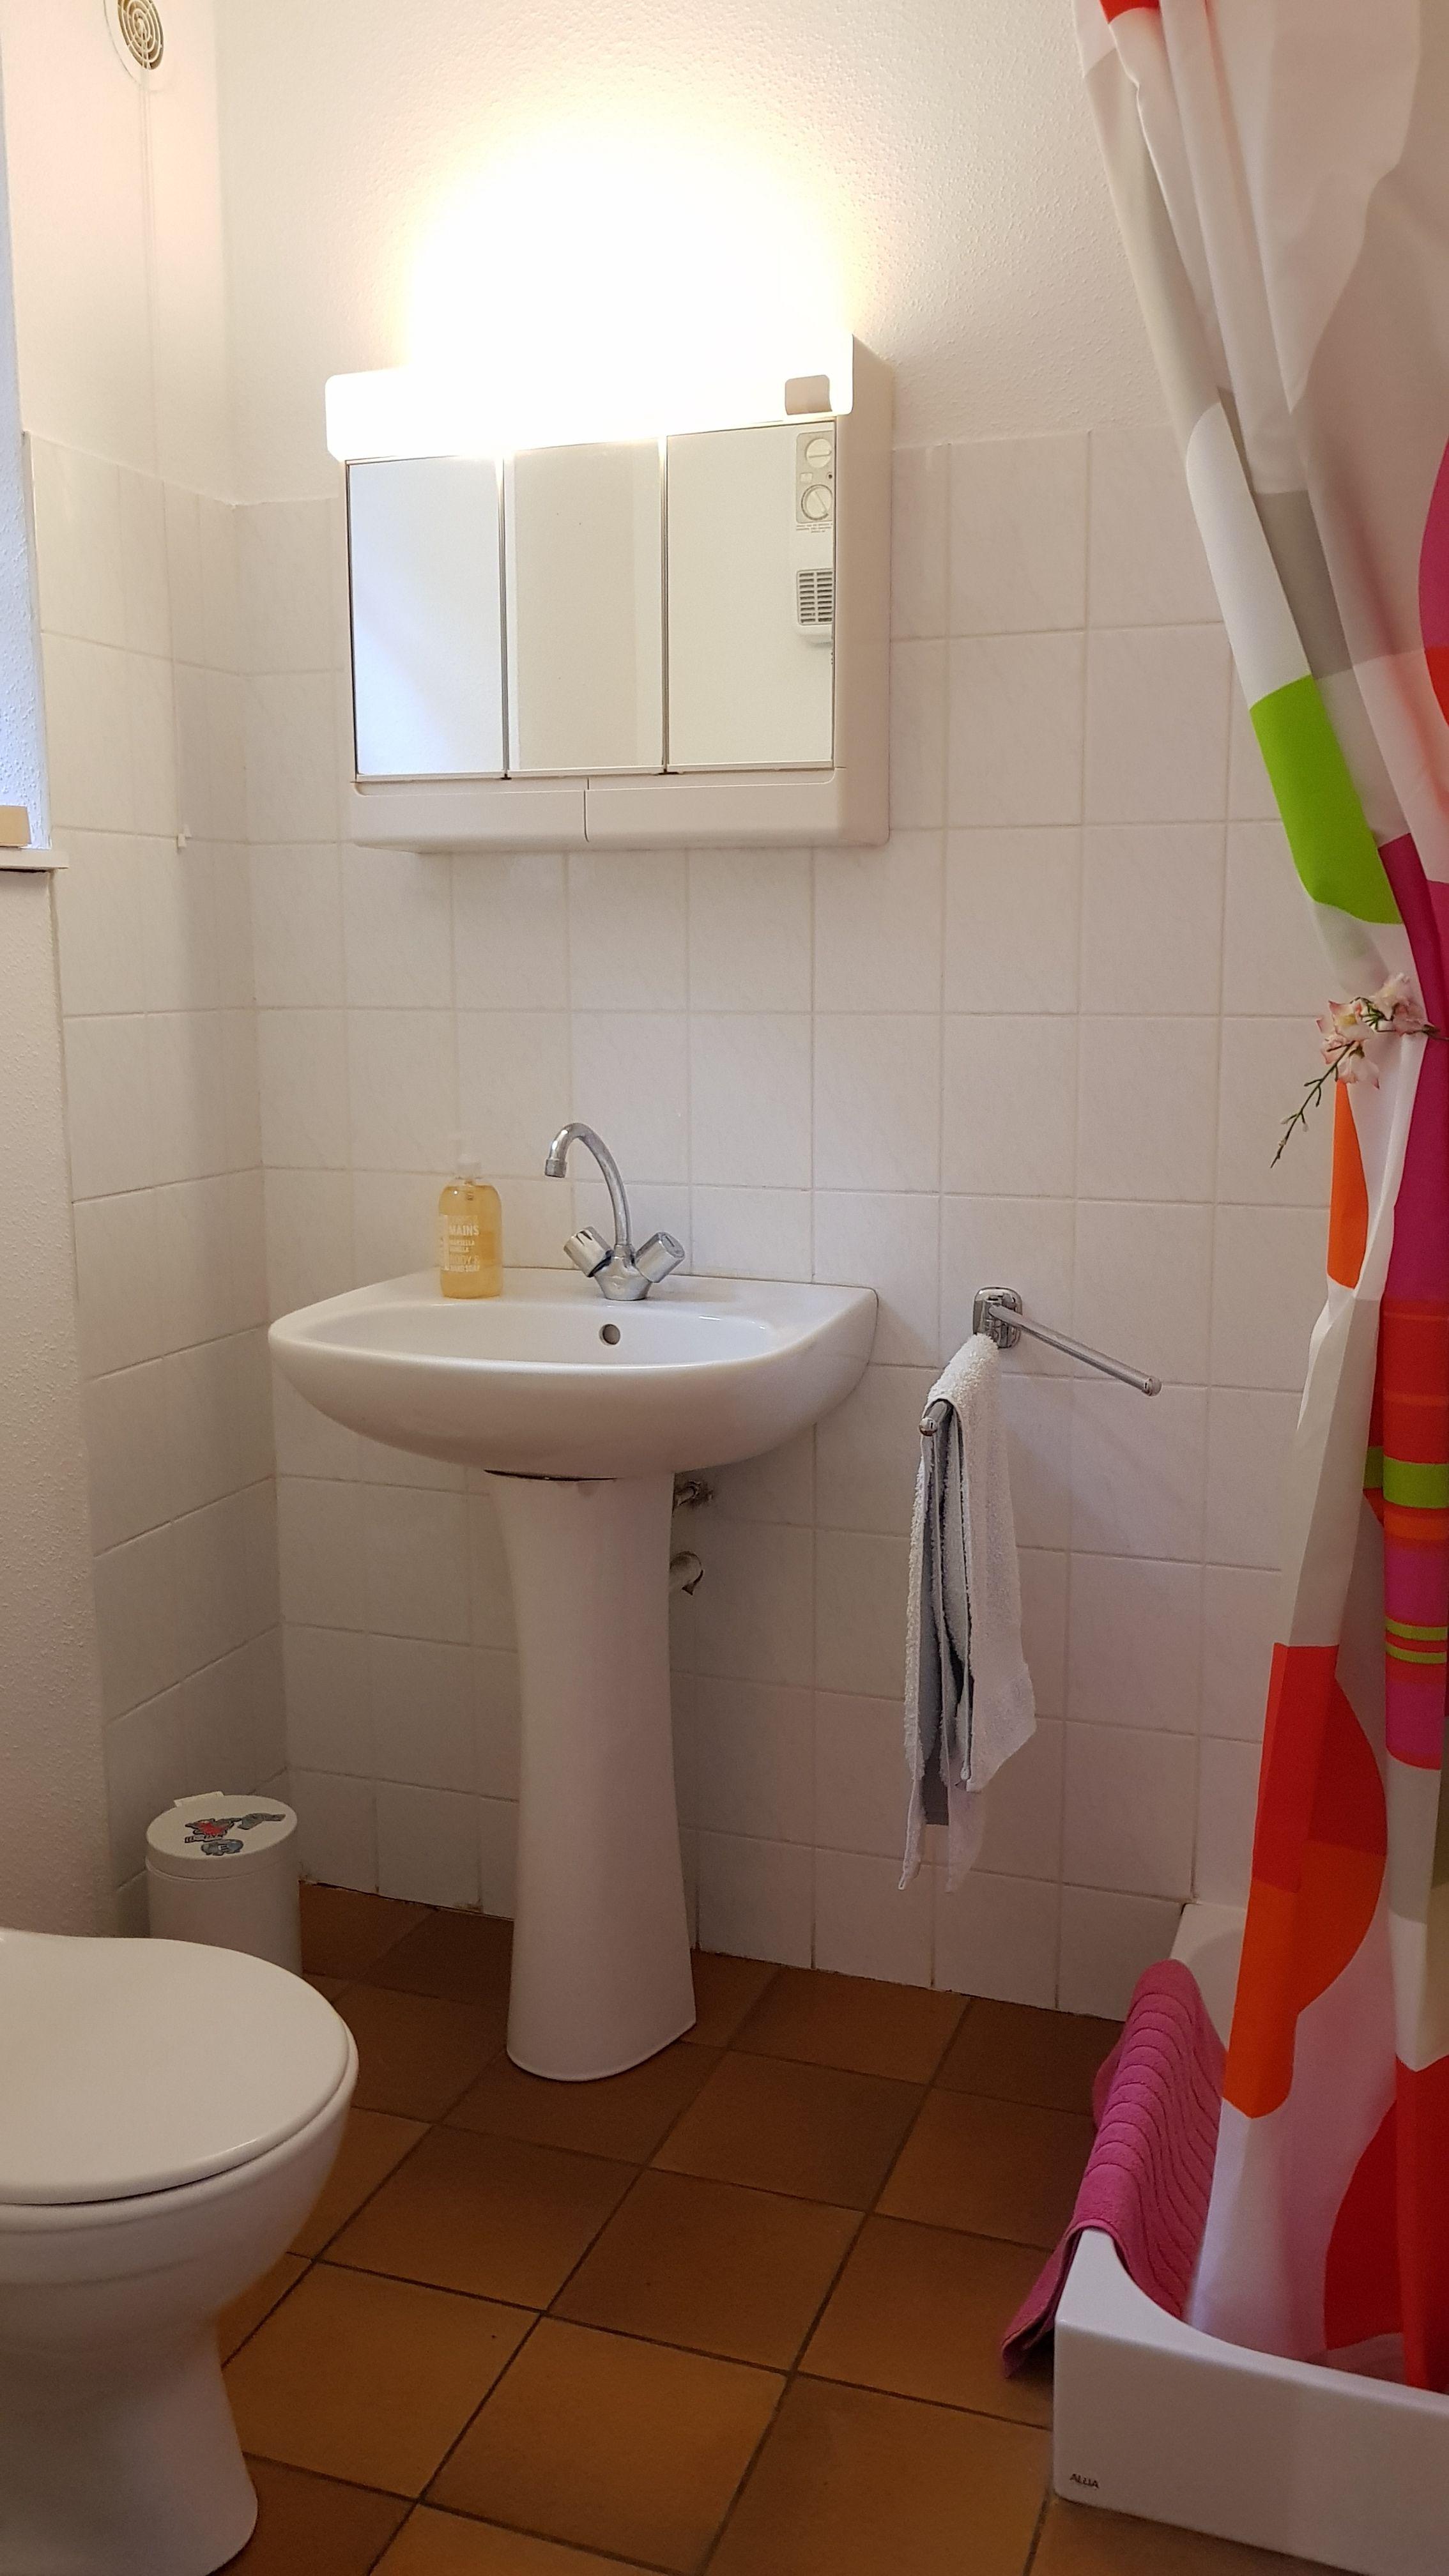 Salle de bain du bas.